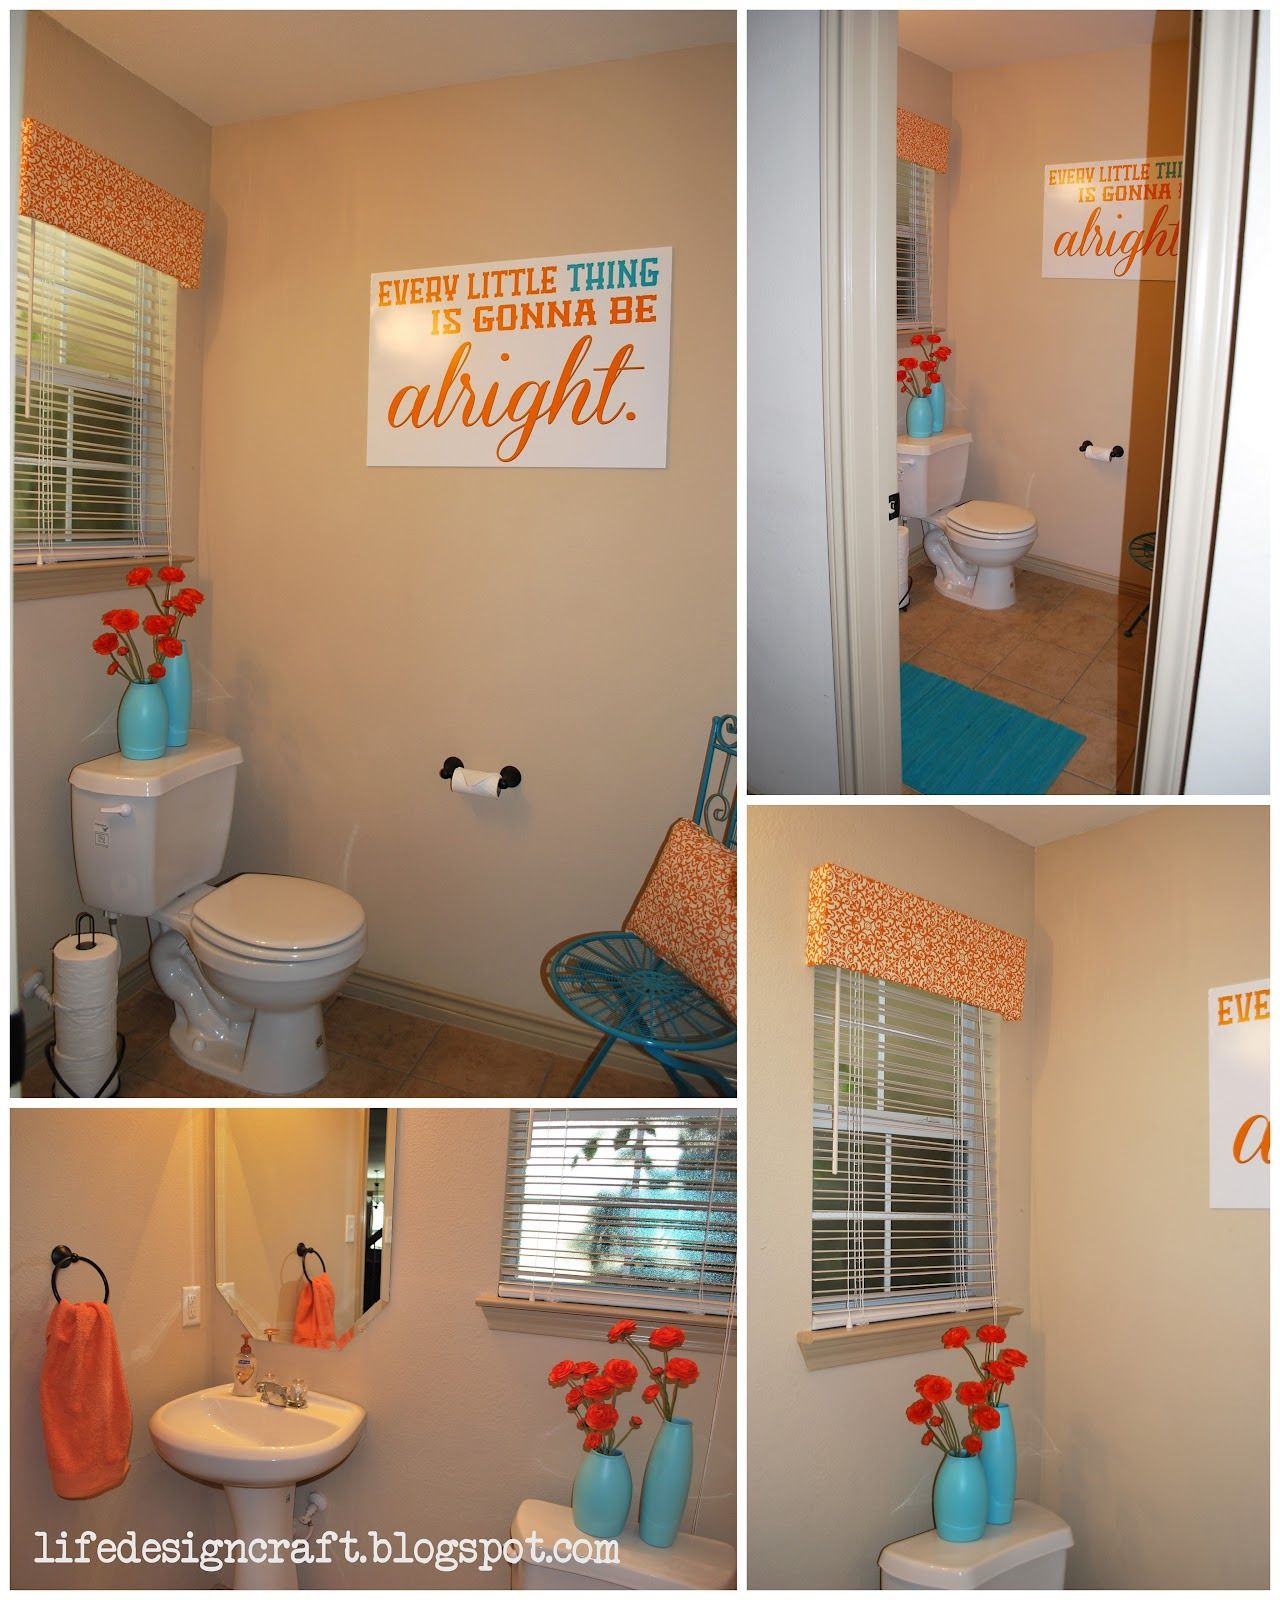 Bathroom Decor Ideas On A Budget 2021